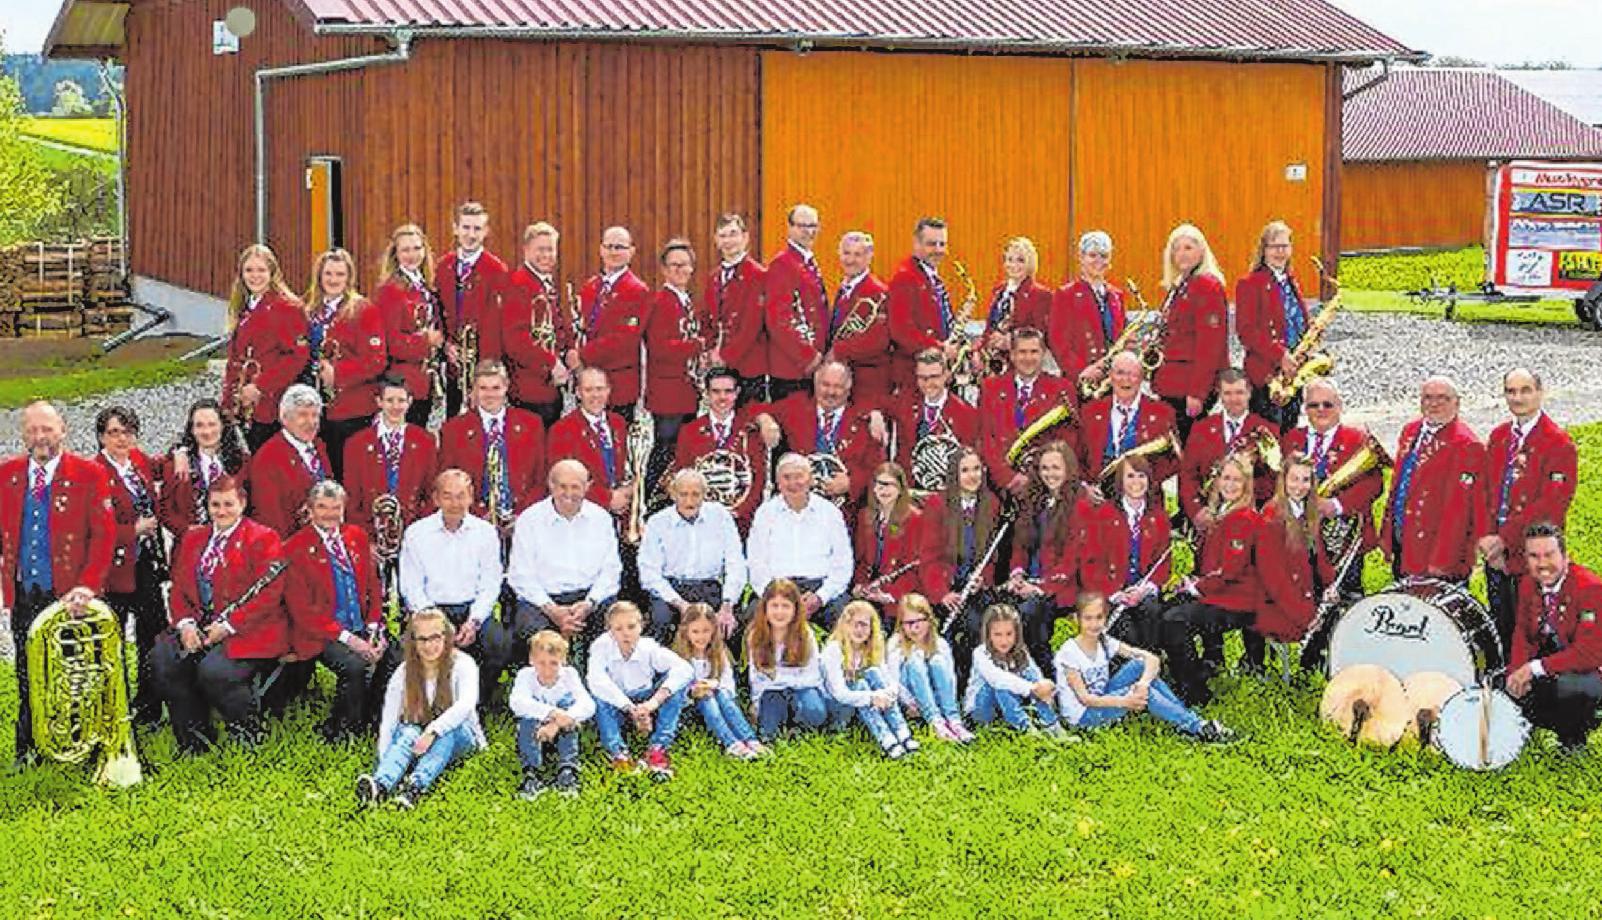 Der Musikverein Hart richtet an diesem Wochenende wieder seine Bachhockete aus.